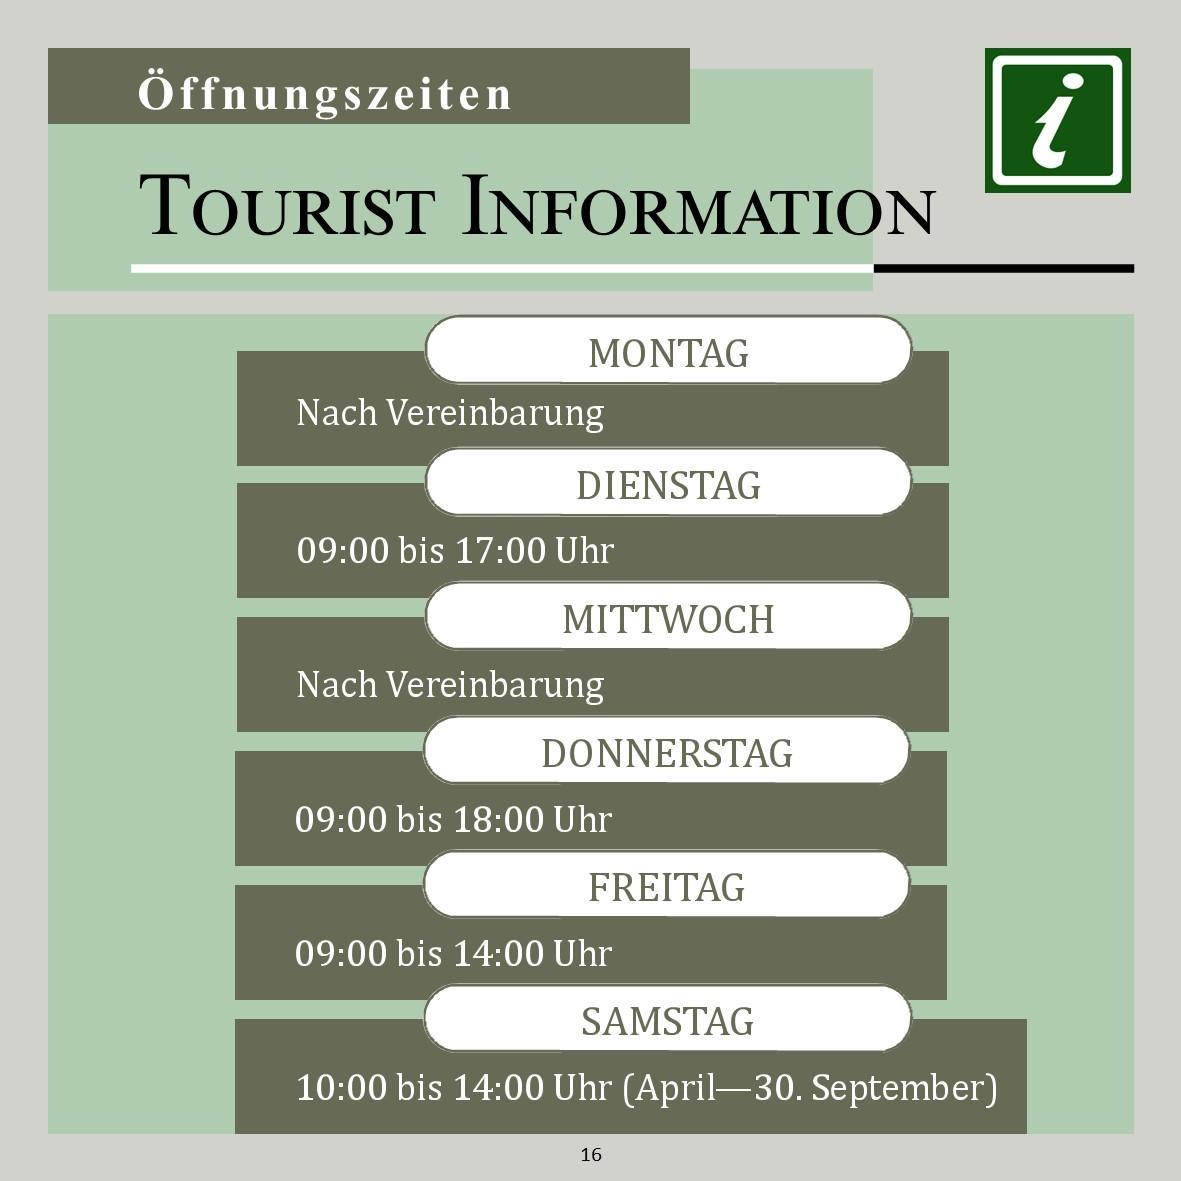 06_Broschüren_Wander_Rad_Bootstouren16